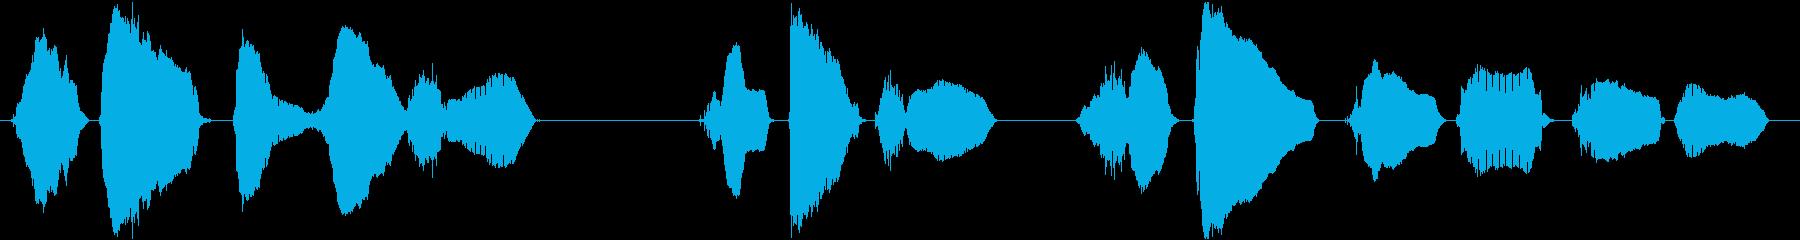 【中国語】間隔開けて並んでくださいの再生済みの波形